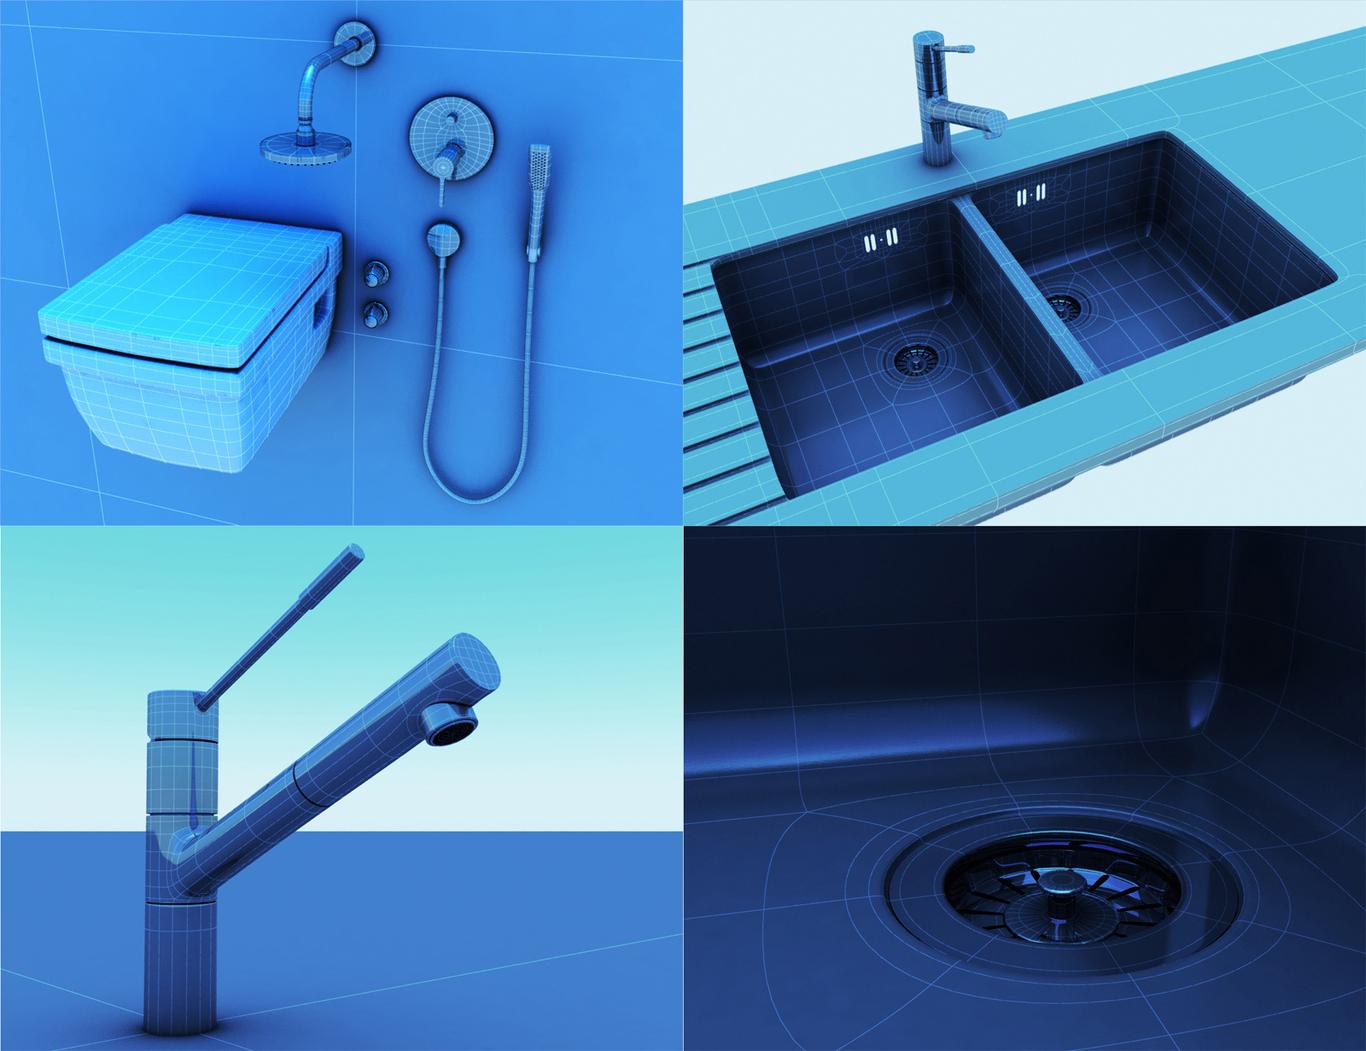 Demircantas waterworks 1 e9269ab7 4svx